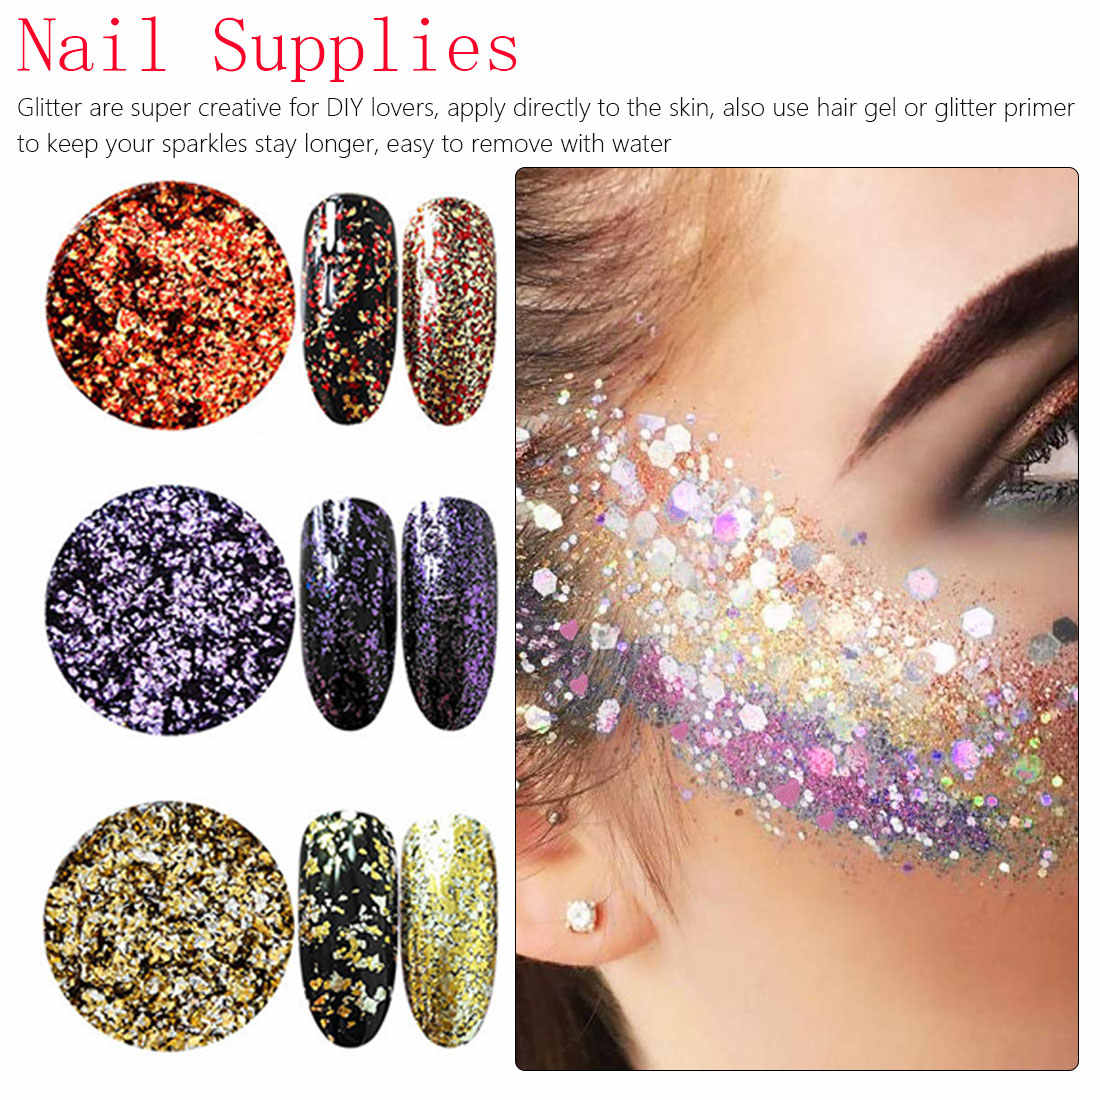 1 caja arte de uñas brillo copos de aluminio efecto espejo polvo de uñas lentejuelas irregulares pigmento cromado decoración de uñas